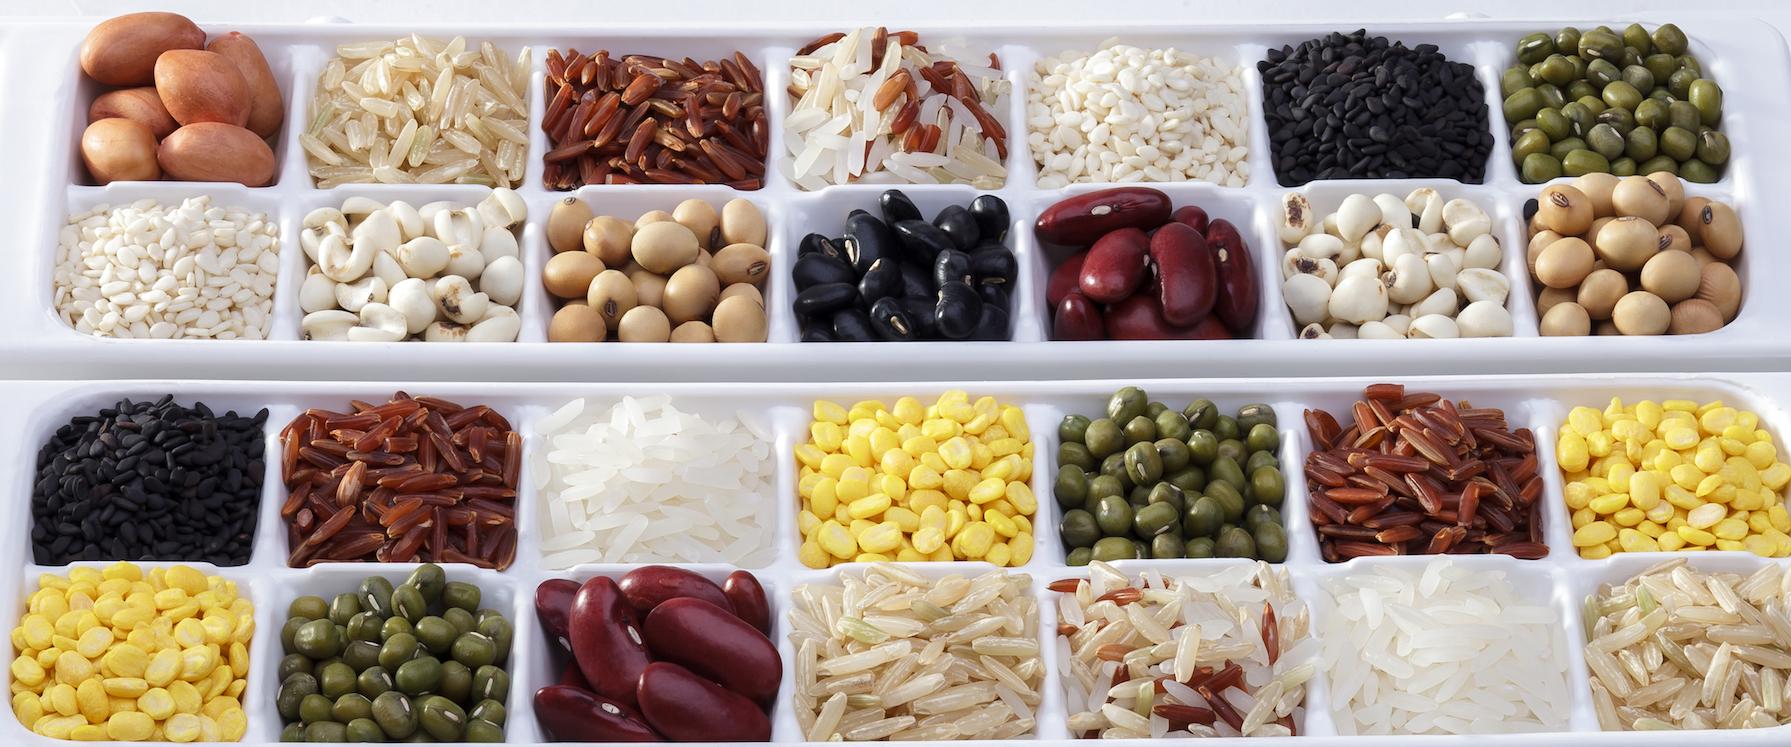 Consumir mayor cantidad de proteína vegetal está asociado a una vida más sana